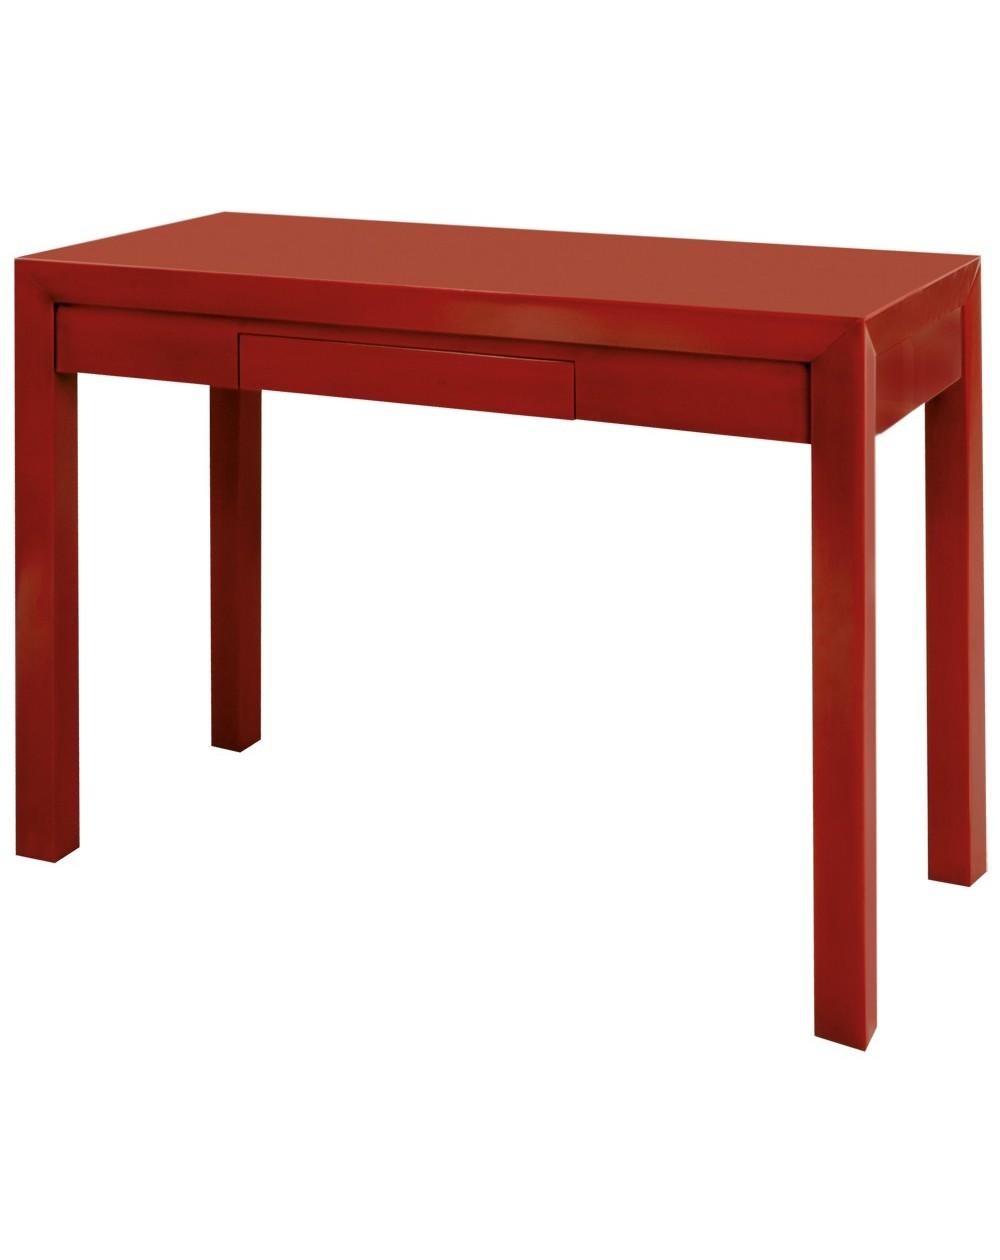 Modèle présenté en Merisier Massif laqué Rouge.